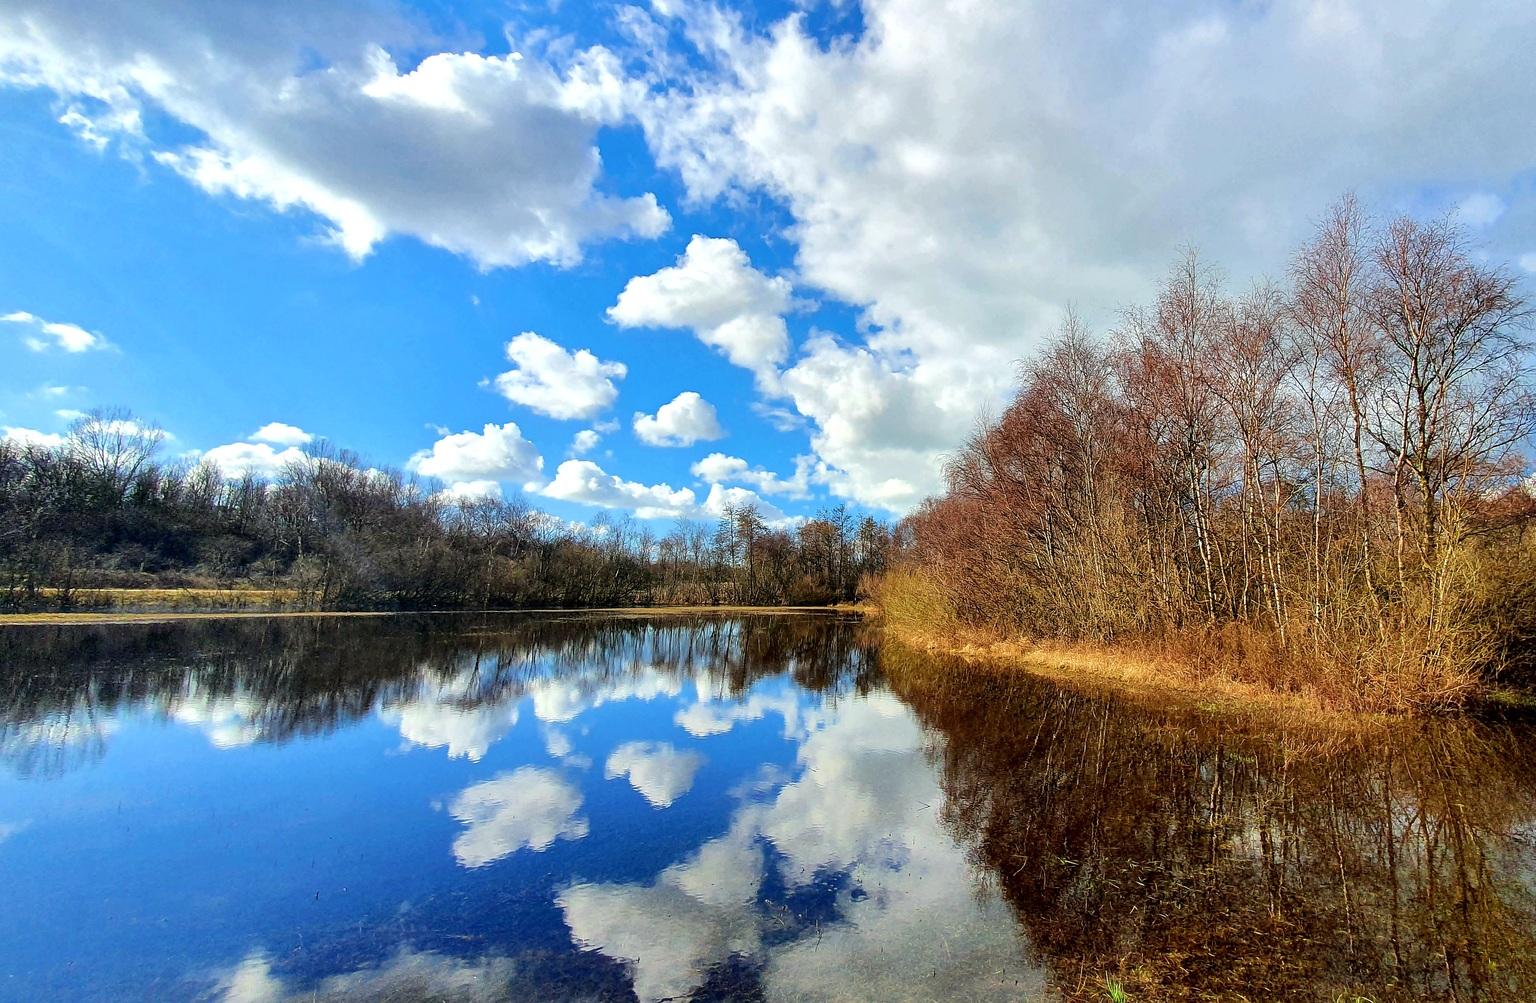 Water wolkjes - Wetlands achterb de duinen bij Oostvoorne! - foto door Edwinner op 16-04-2021 - locatie: 3233 Oostvoorne, Nederland - deze foto bevat: wolk, water, lucht, watervoorraden, fabriek, blauw, natuurlijk landschap, boom, natuurlijke omgeving, afdeling